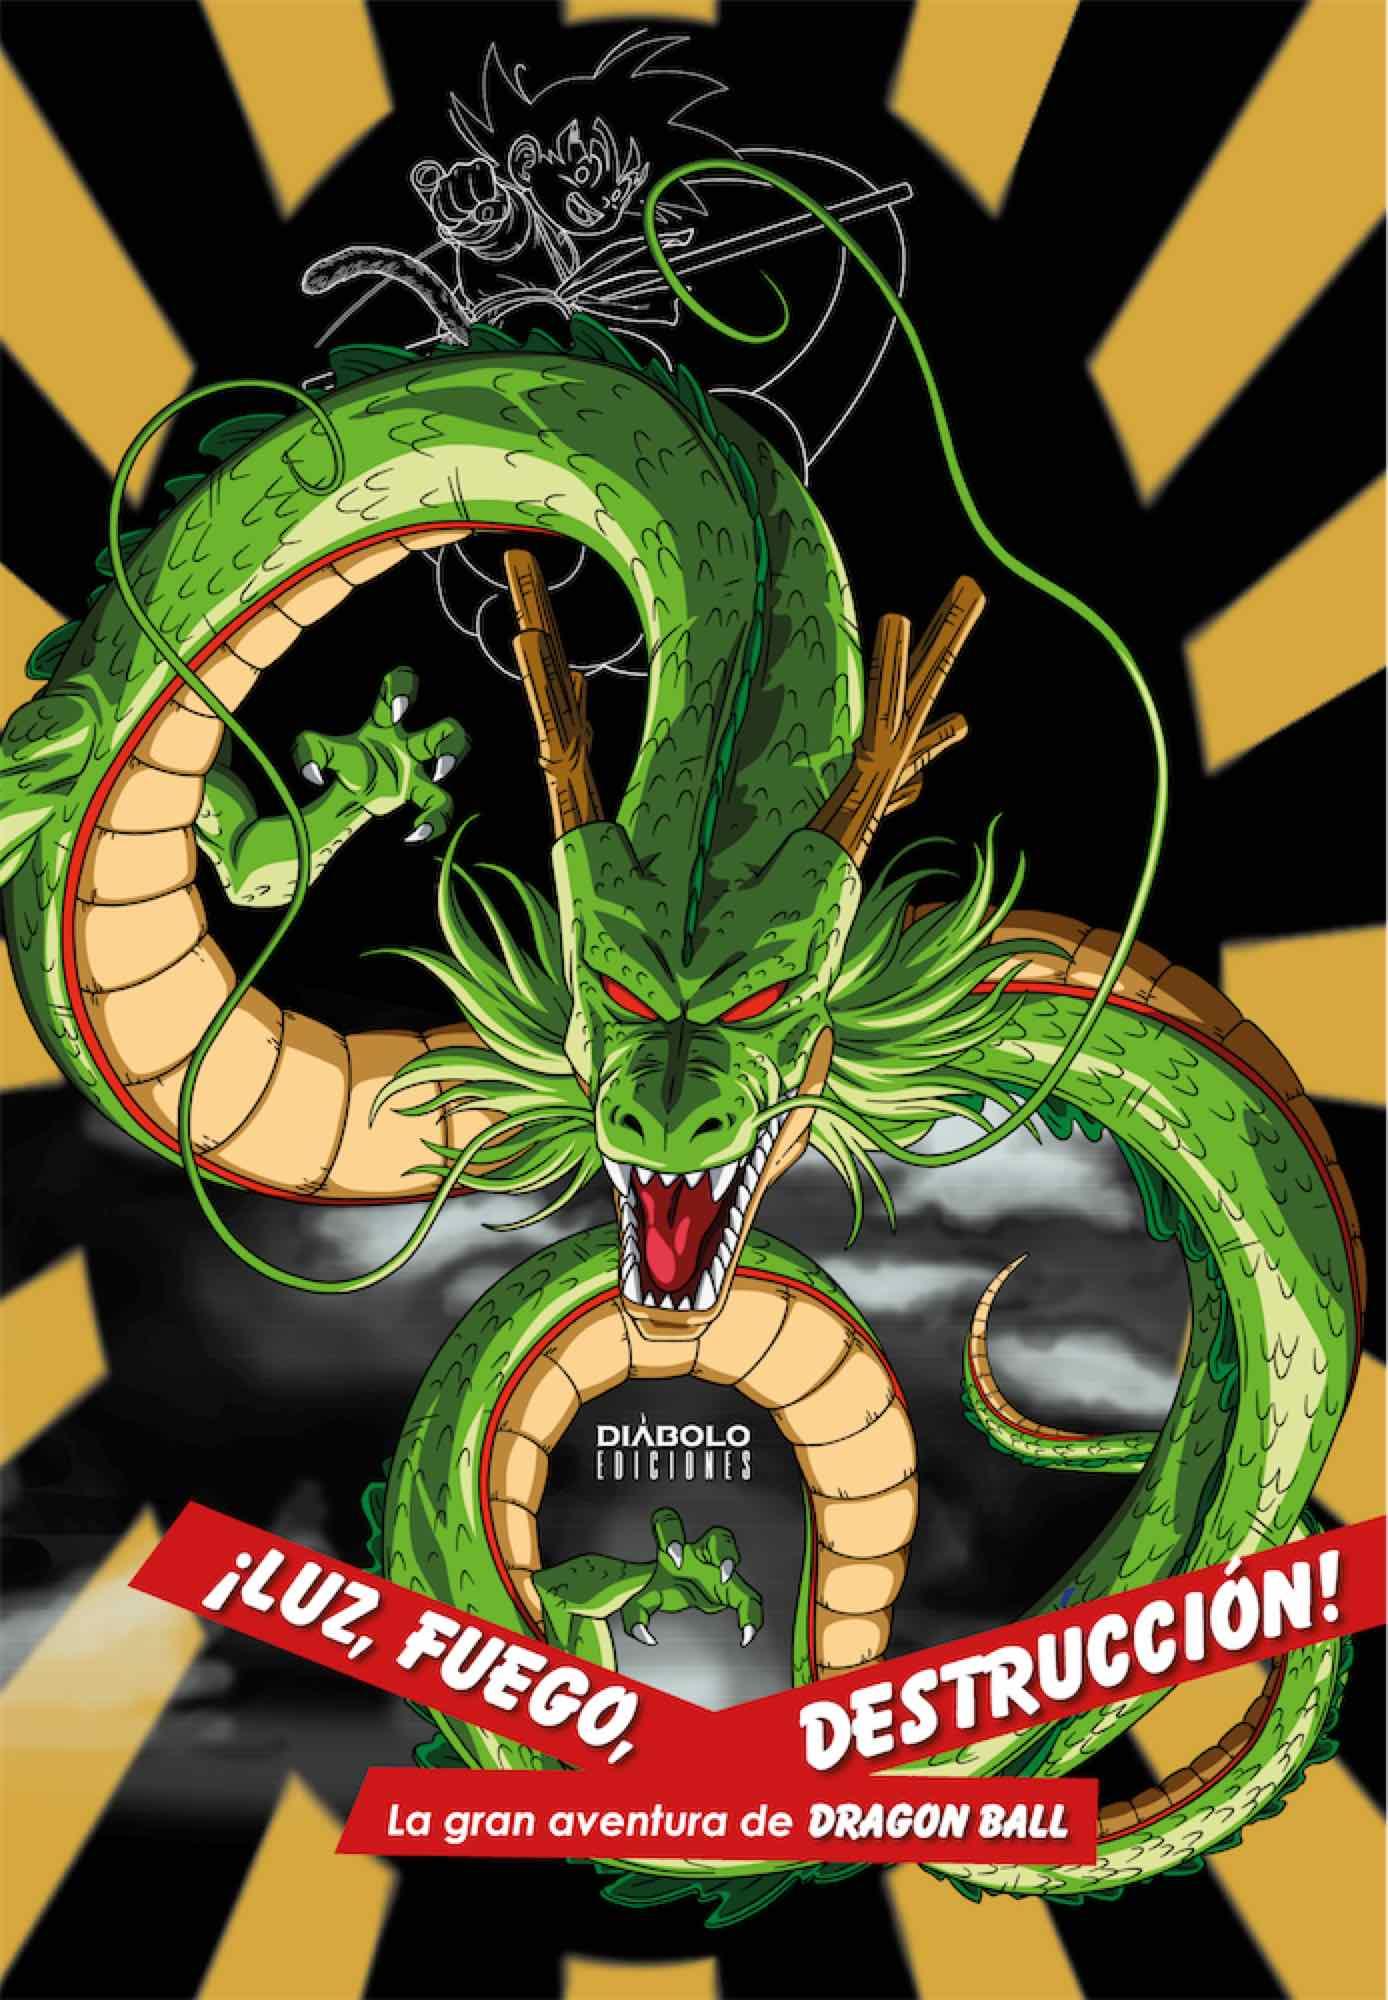 ¡LUZ, FUEGO, DESTRUCCION! LA GRAN AVENTURA DE DRAGON BALL (CAJA RECOPILATORIA)